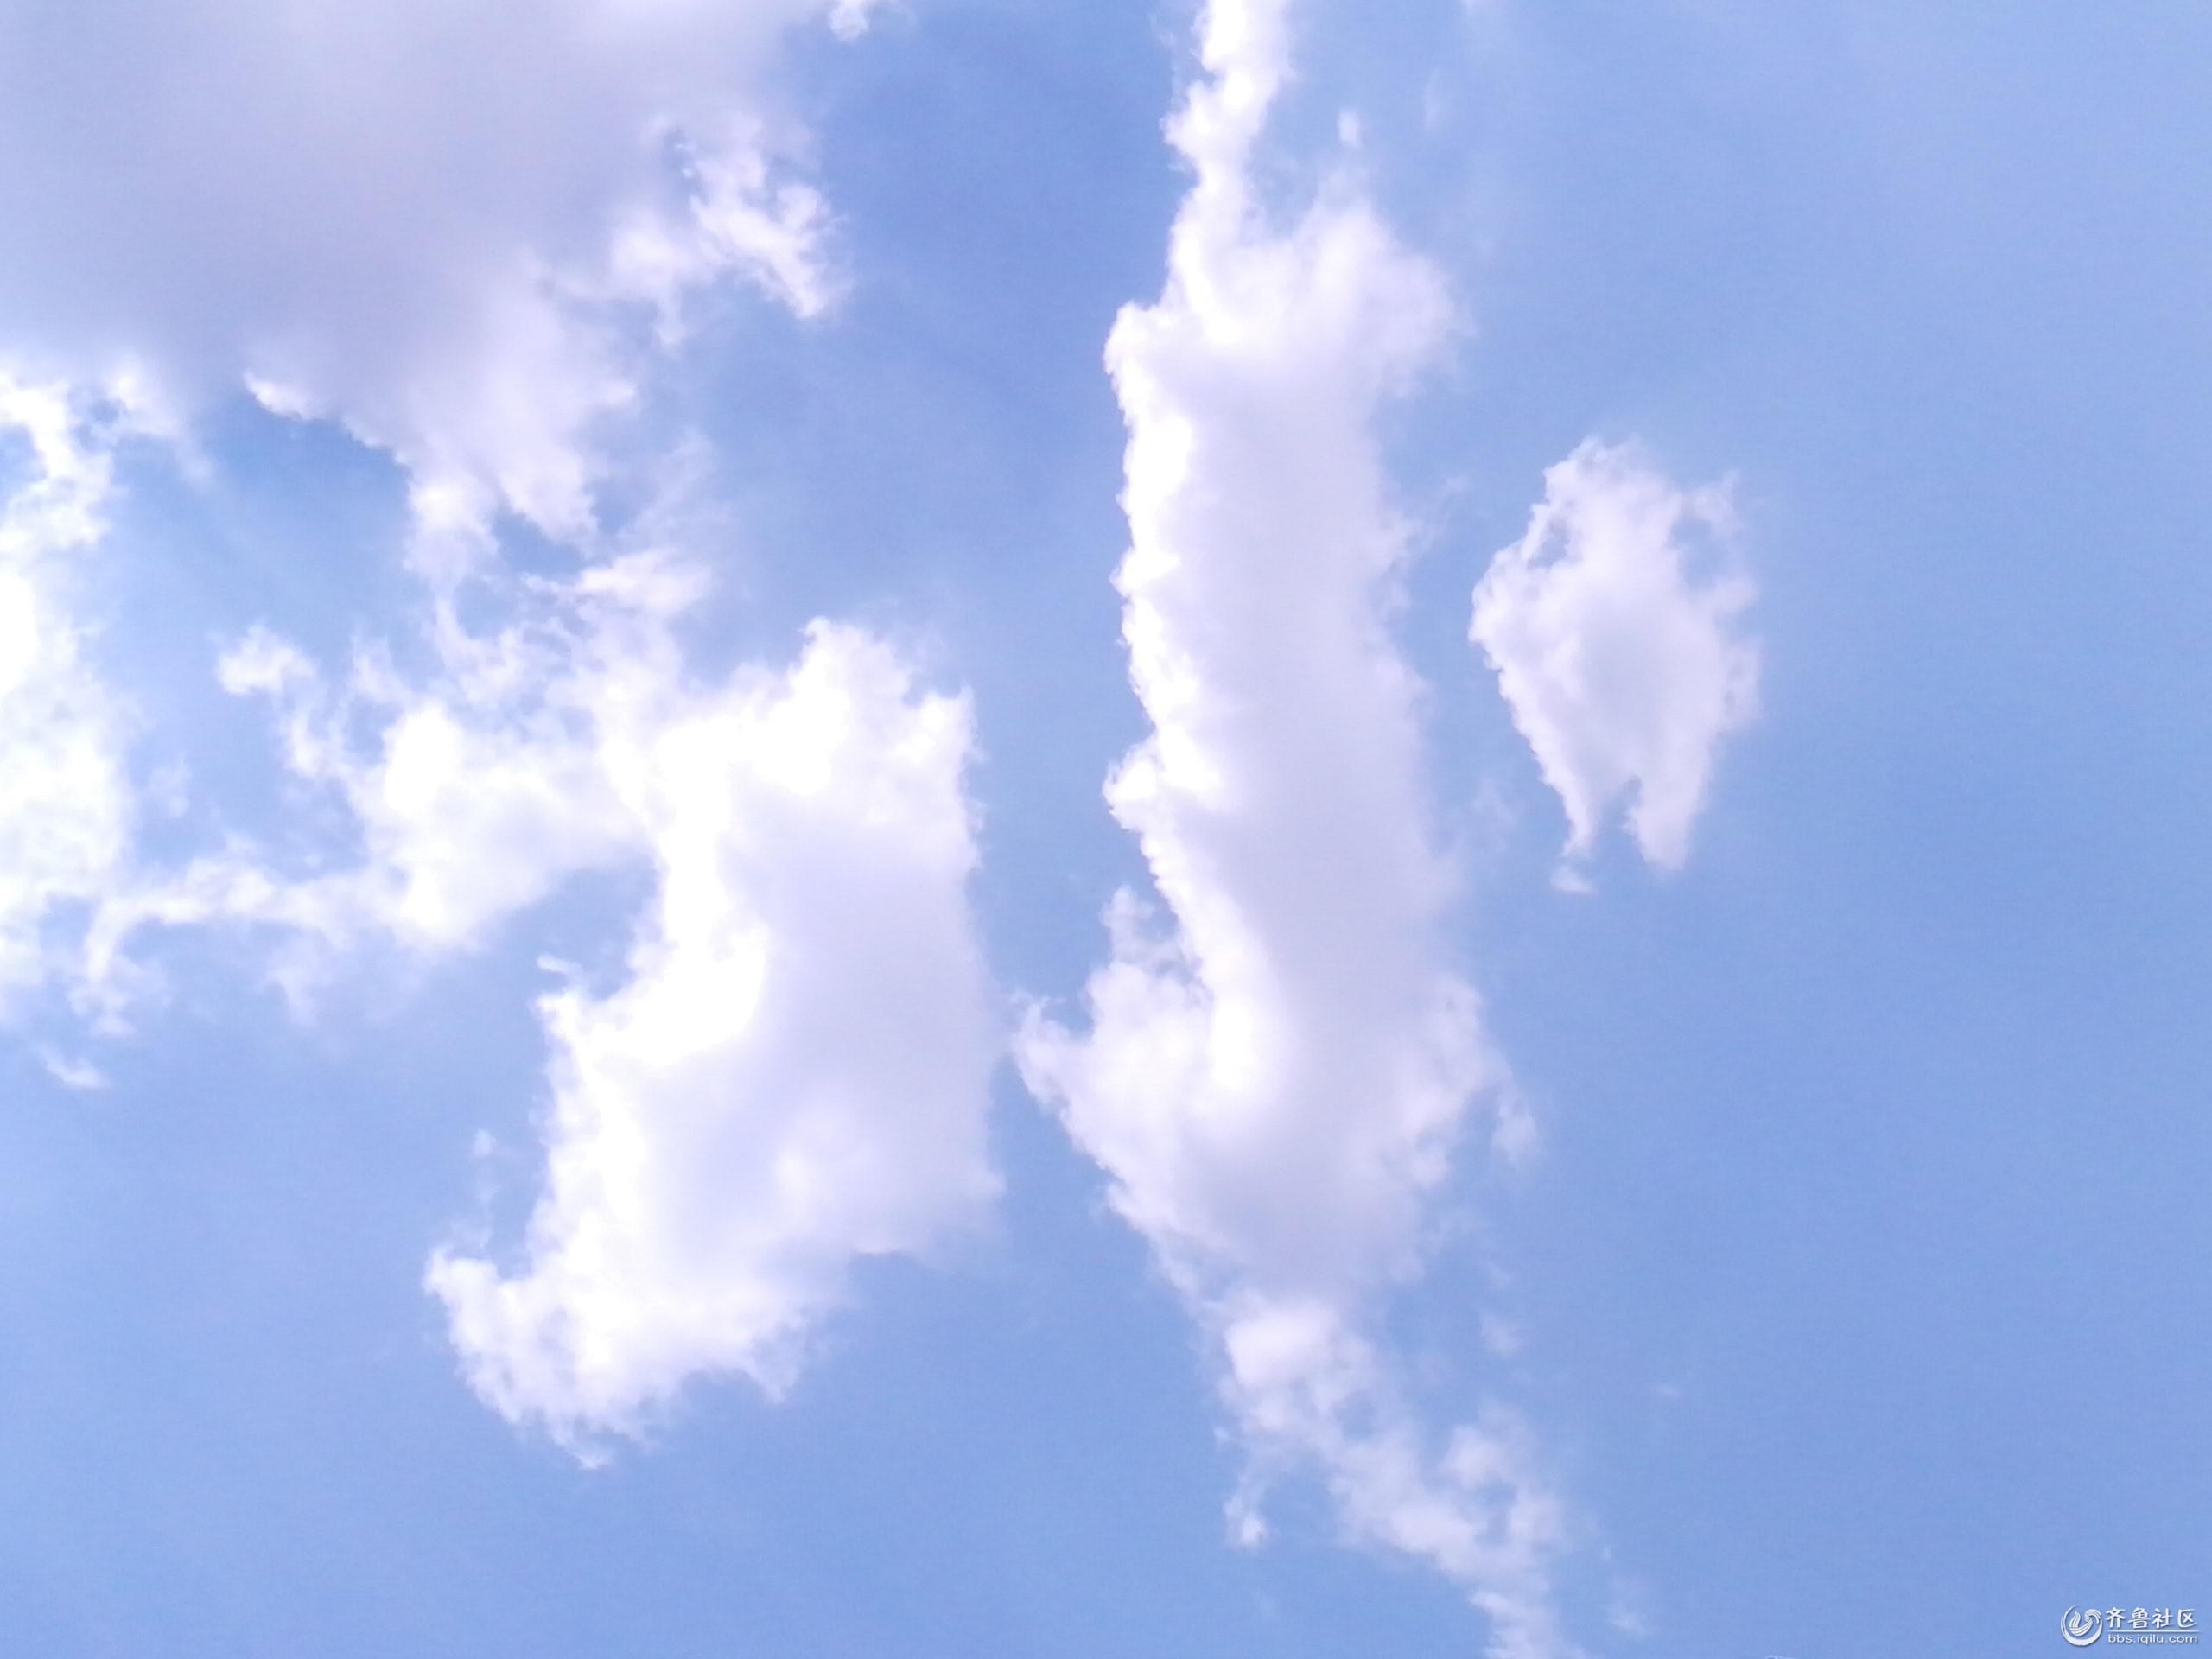 校园蓝天背景素材